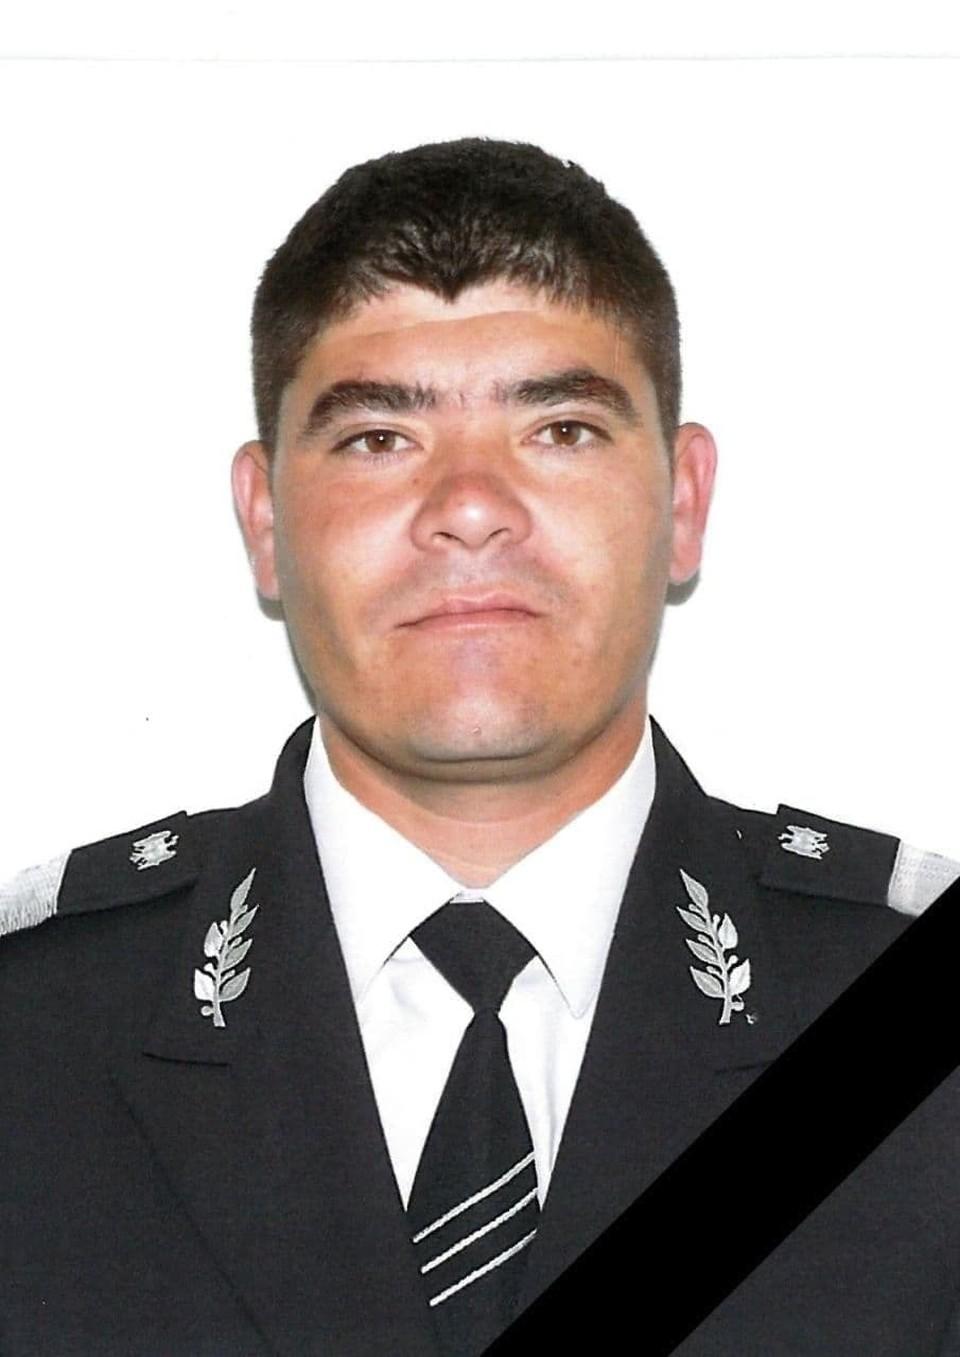 COVID-19 забрал жизнь молодого полицейского- отца четырех детей.